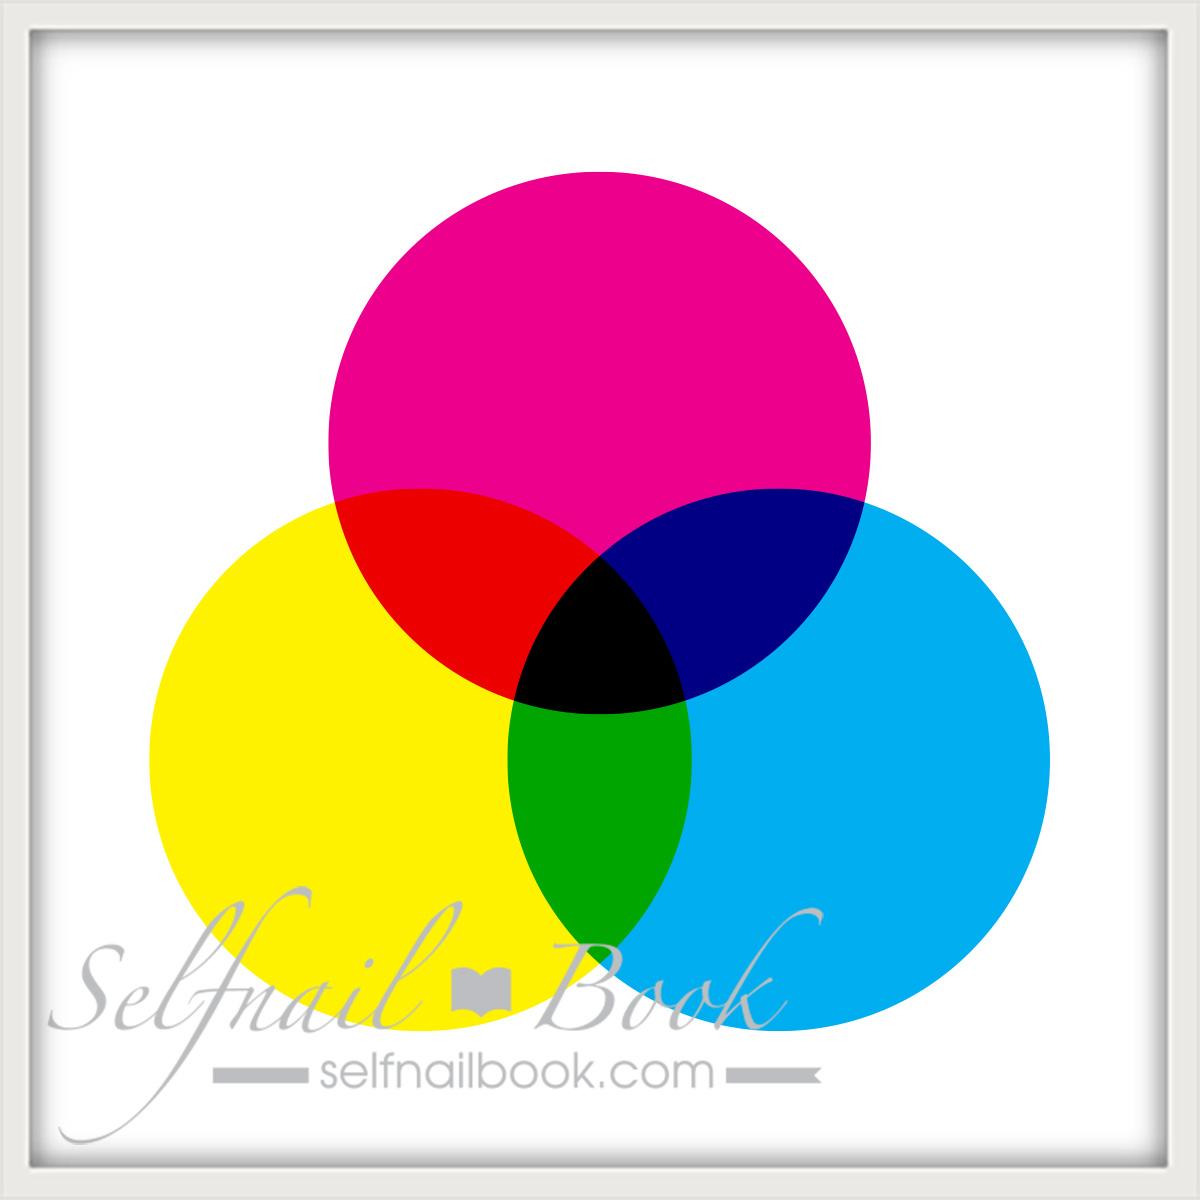 ジェルネイルの自作カラー混色表とメリット・デメリット